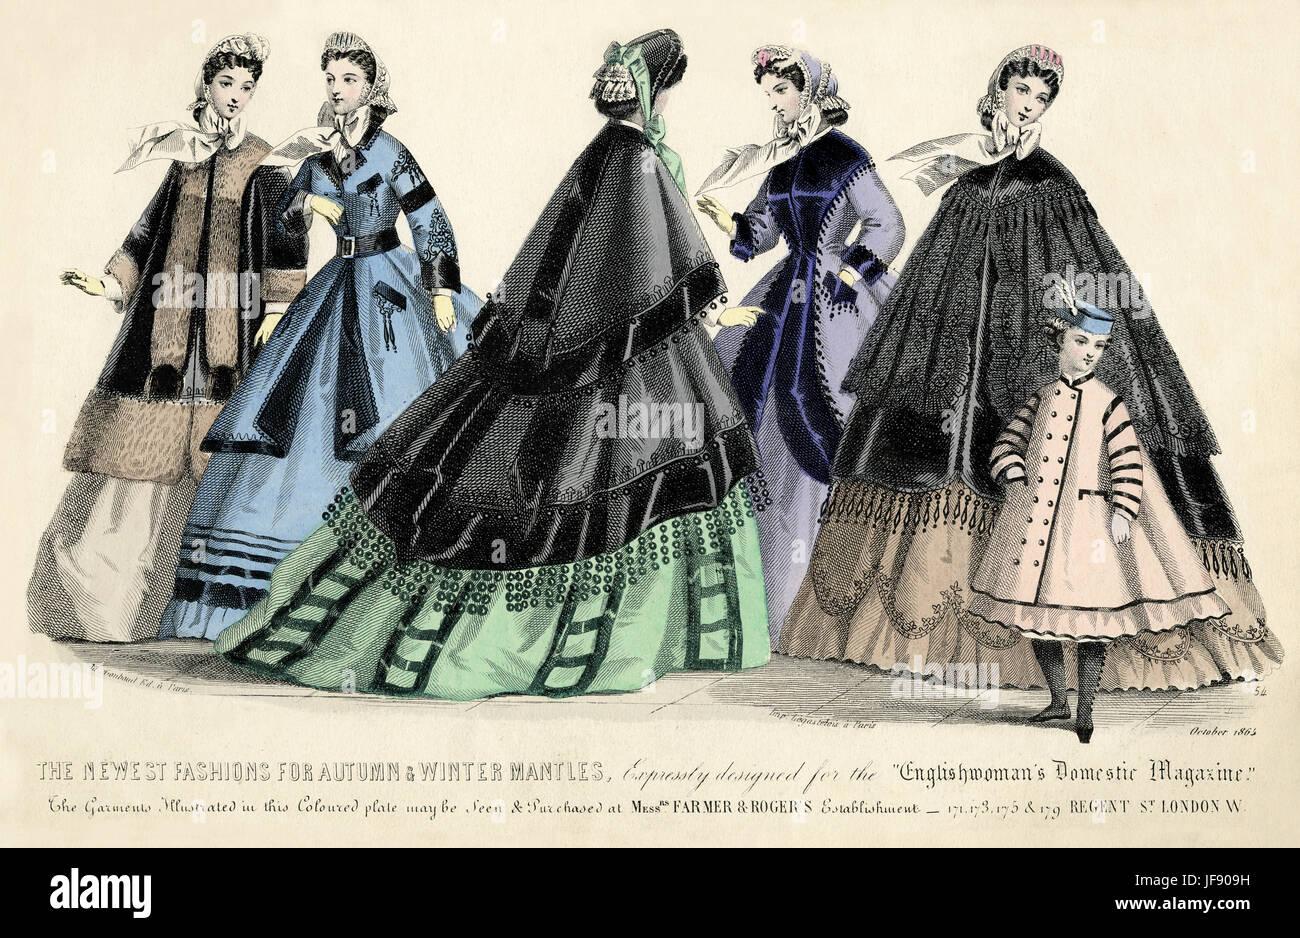 La nouvelle mode pour automne et hiver manteaux. Conçu expressément pour l'intérieur de l'Anglaise Photo Stock